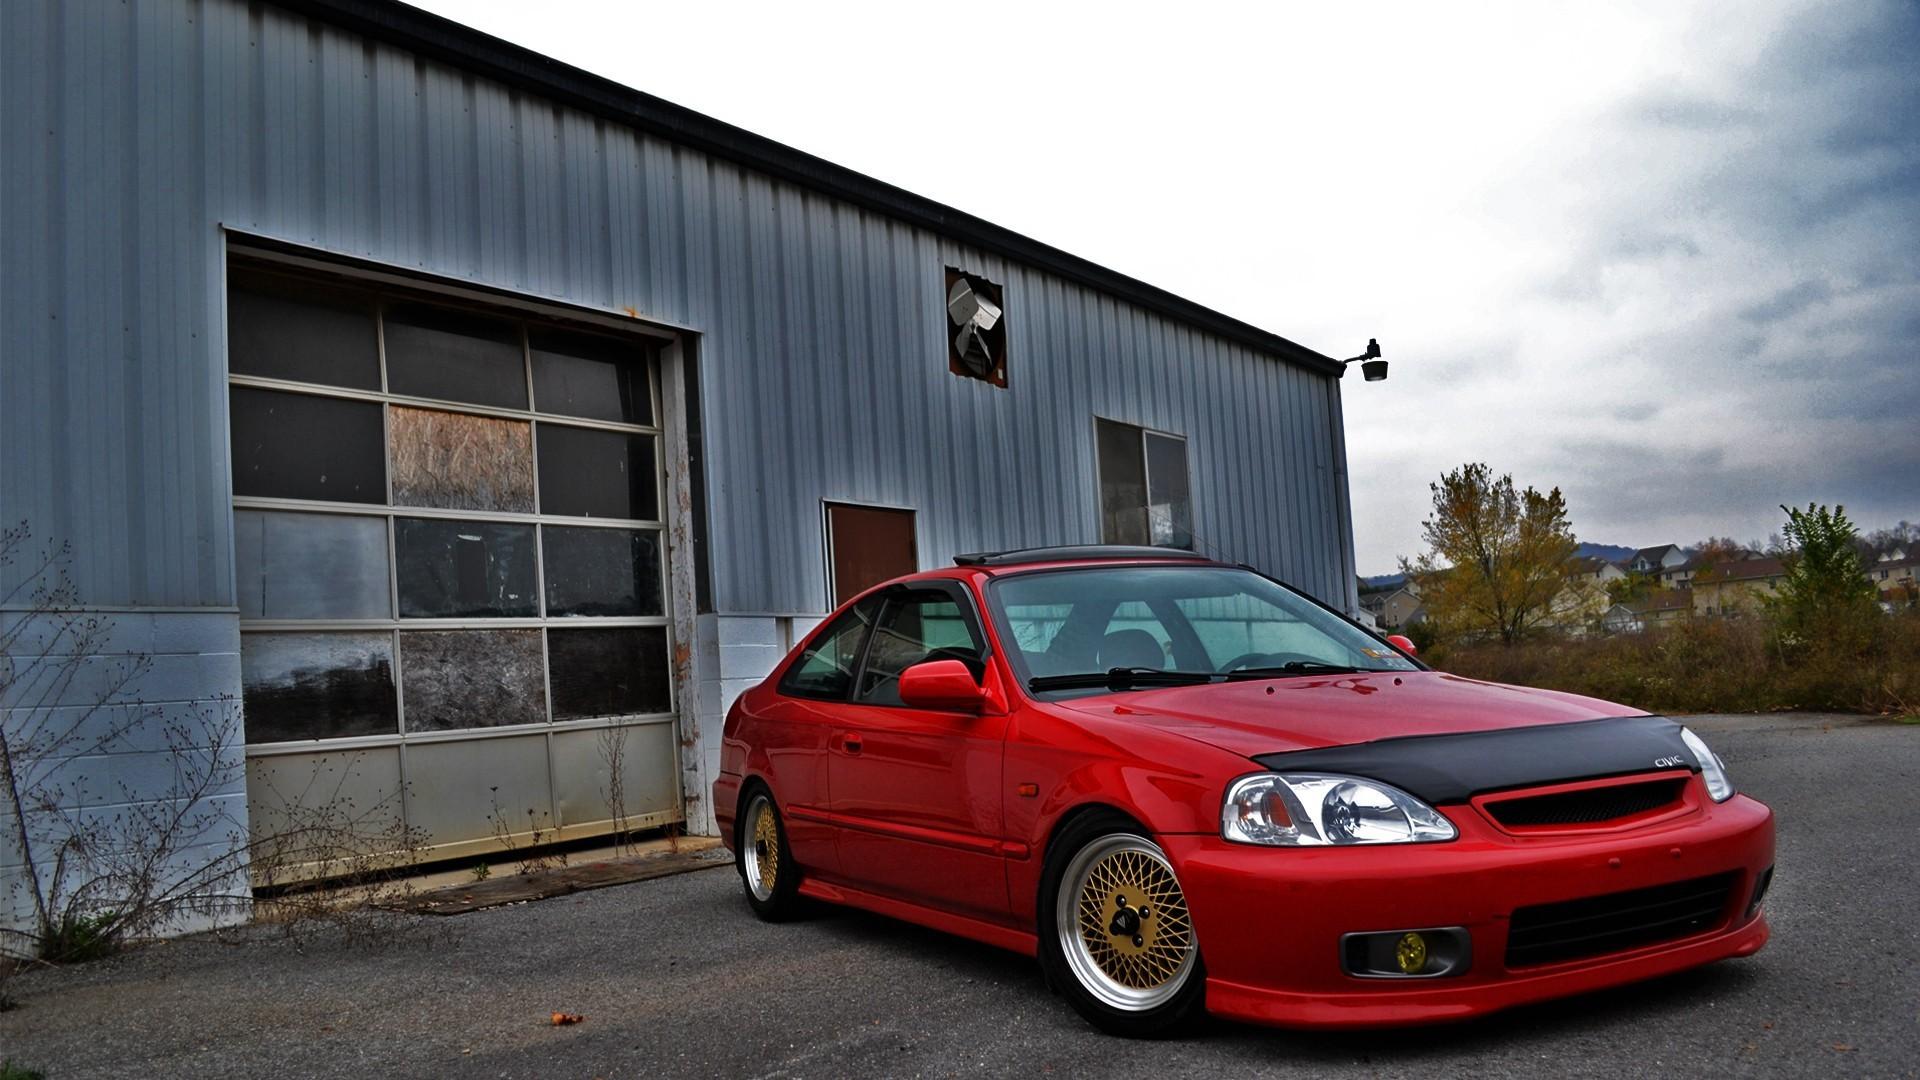 Gold-stance-civic-jdm-authentic-auto-slam-1920x1080-stance-civic-jdm-auto-via-www-allwallpape-wallpaper-wpc5805441